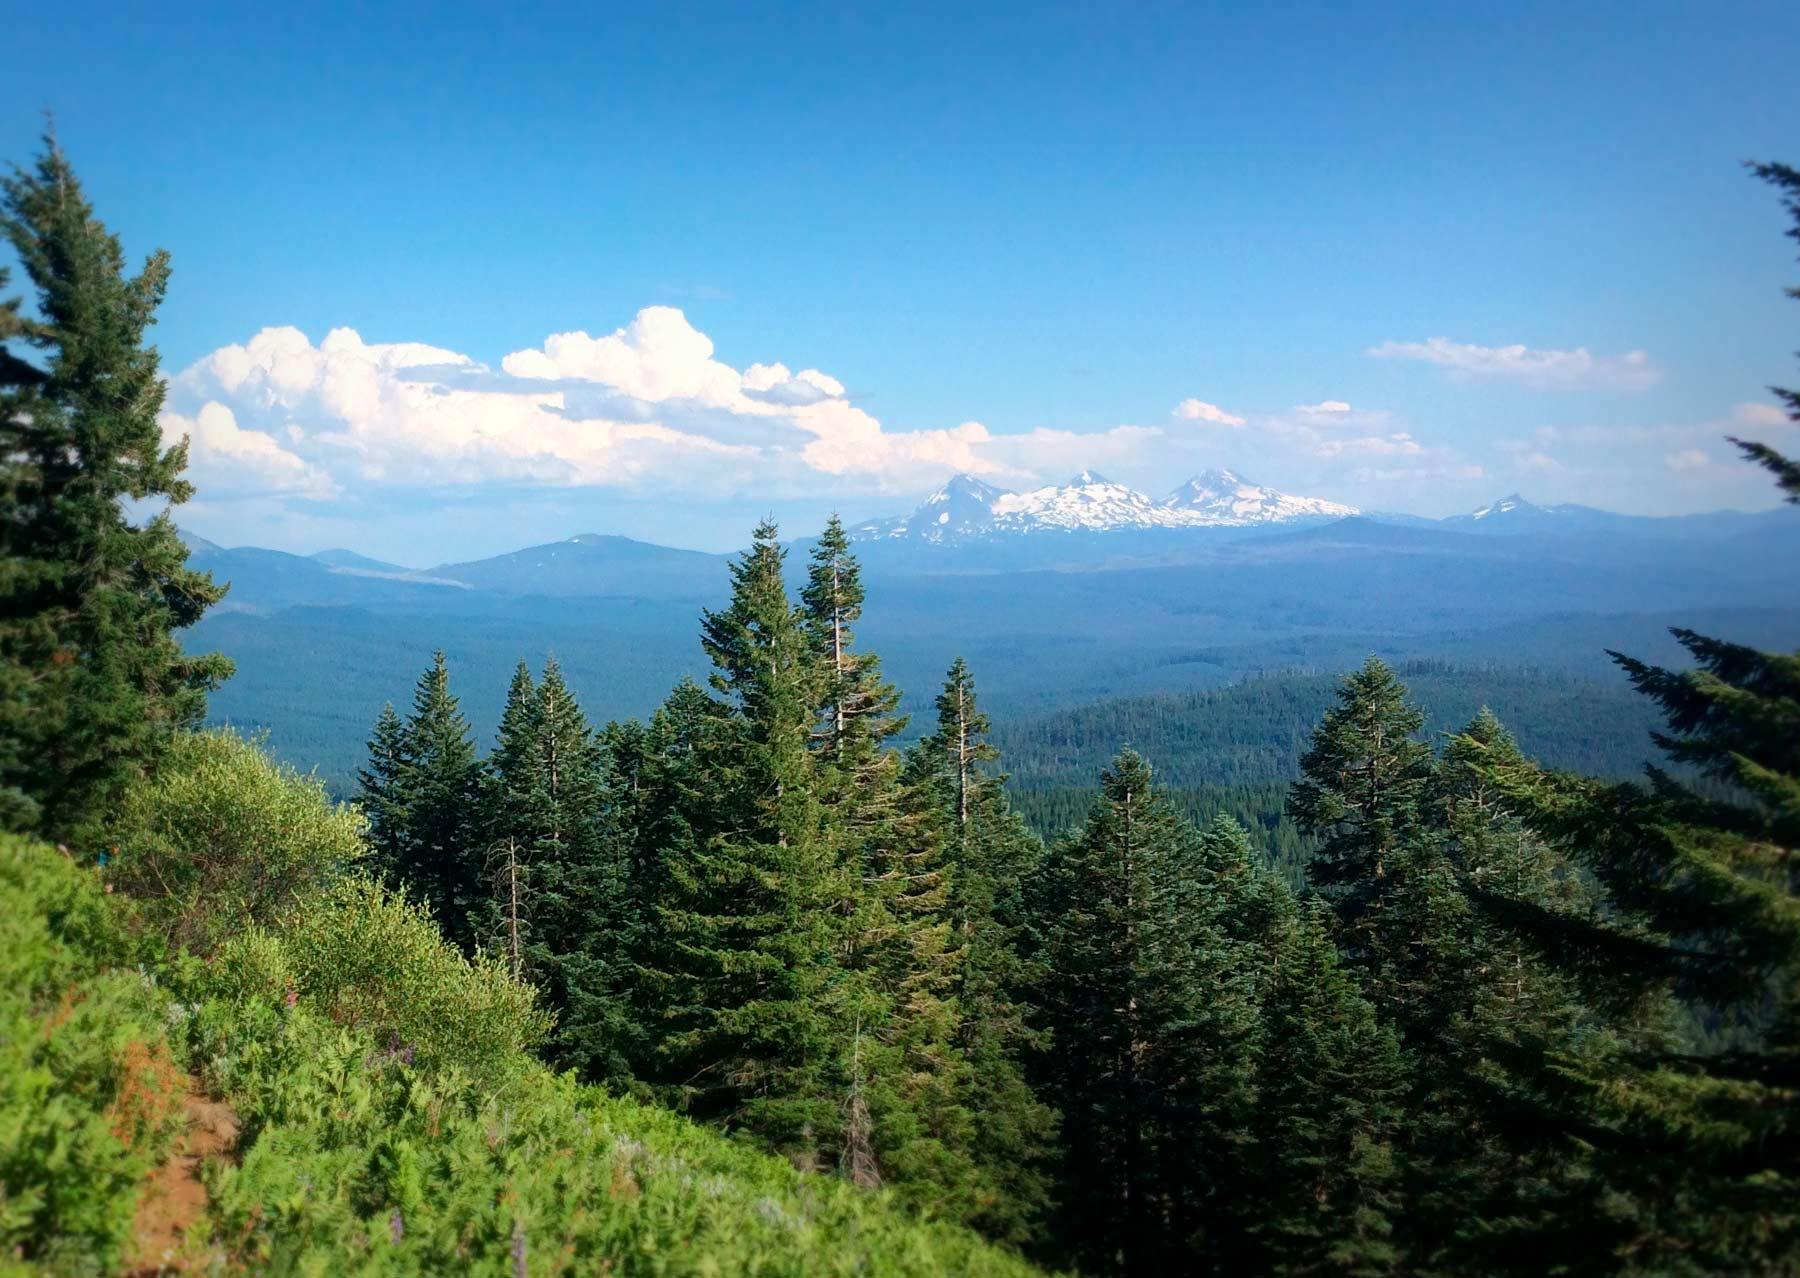 The Cascade Crest